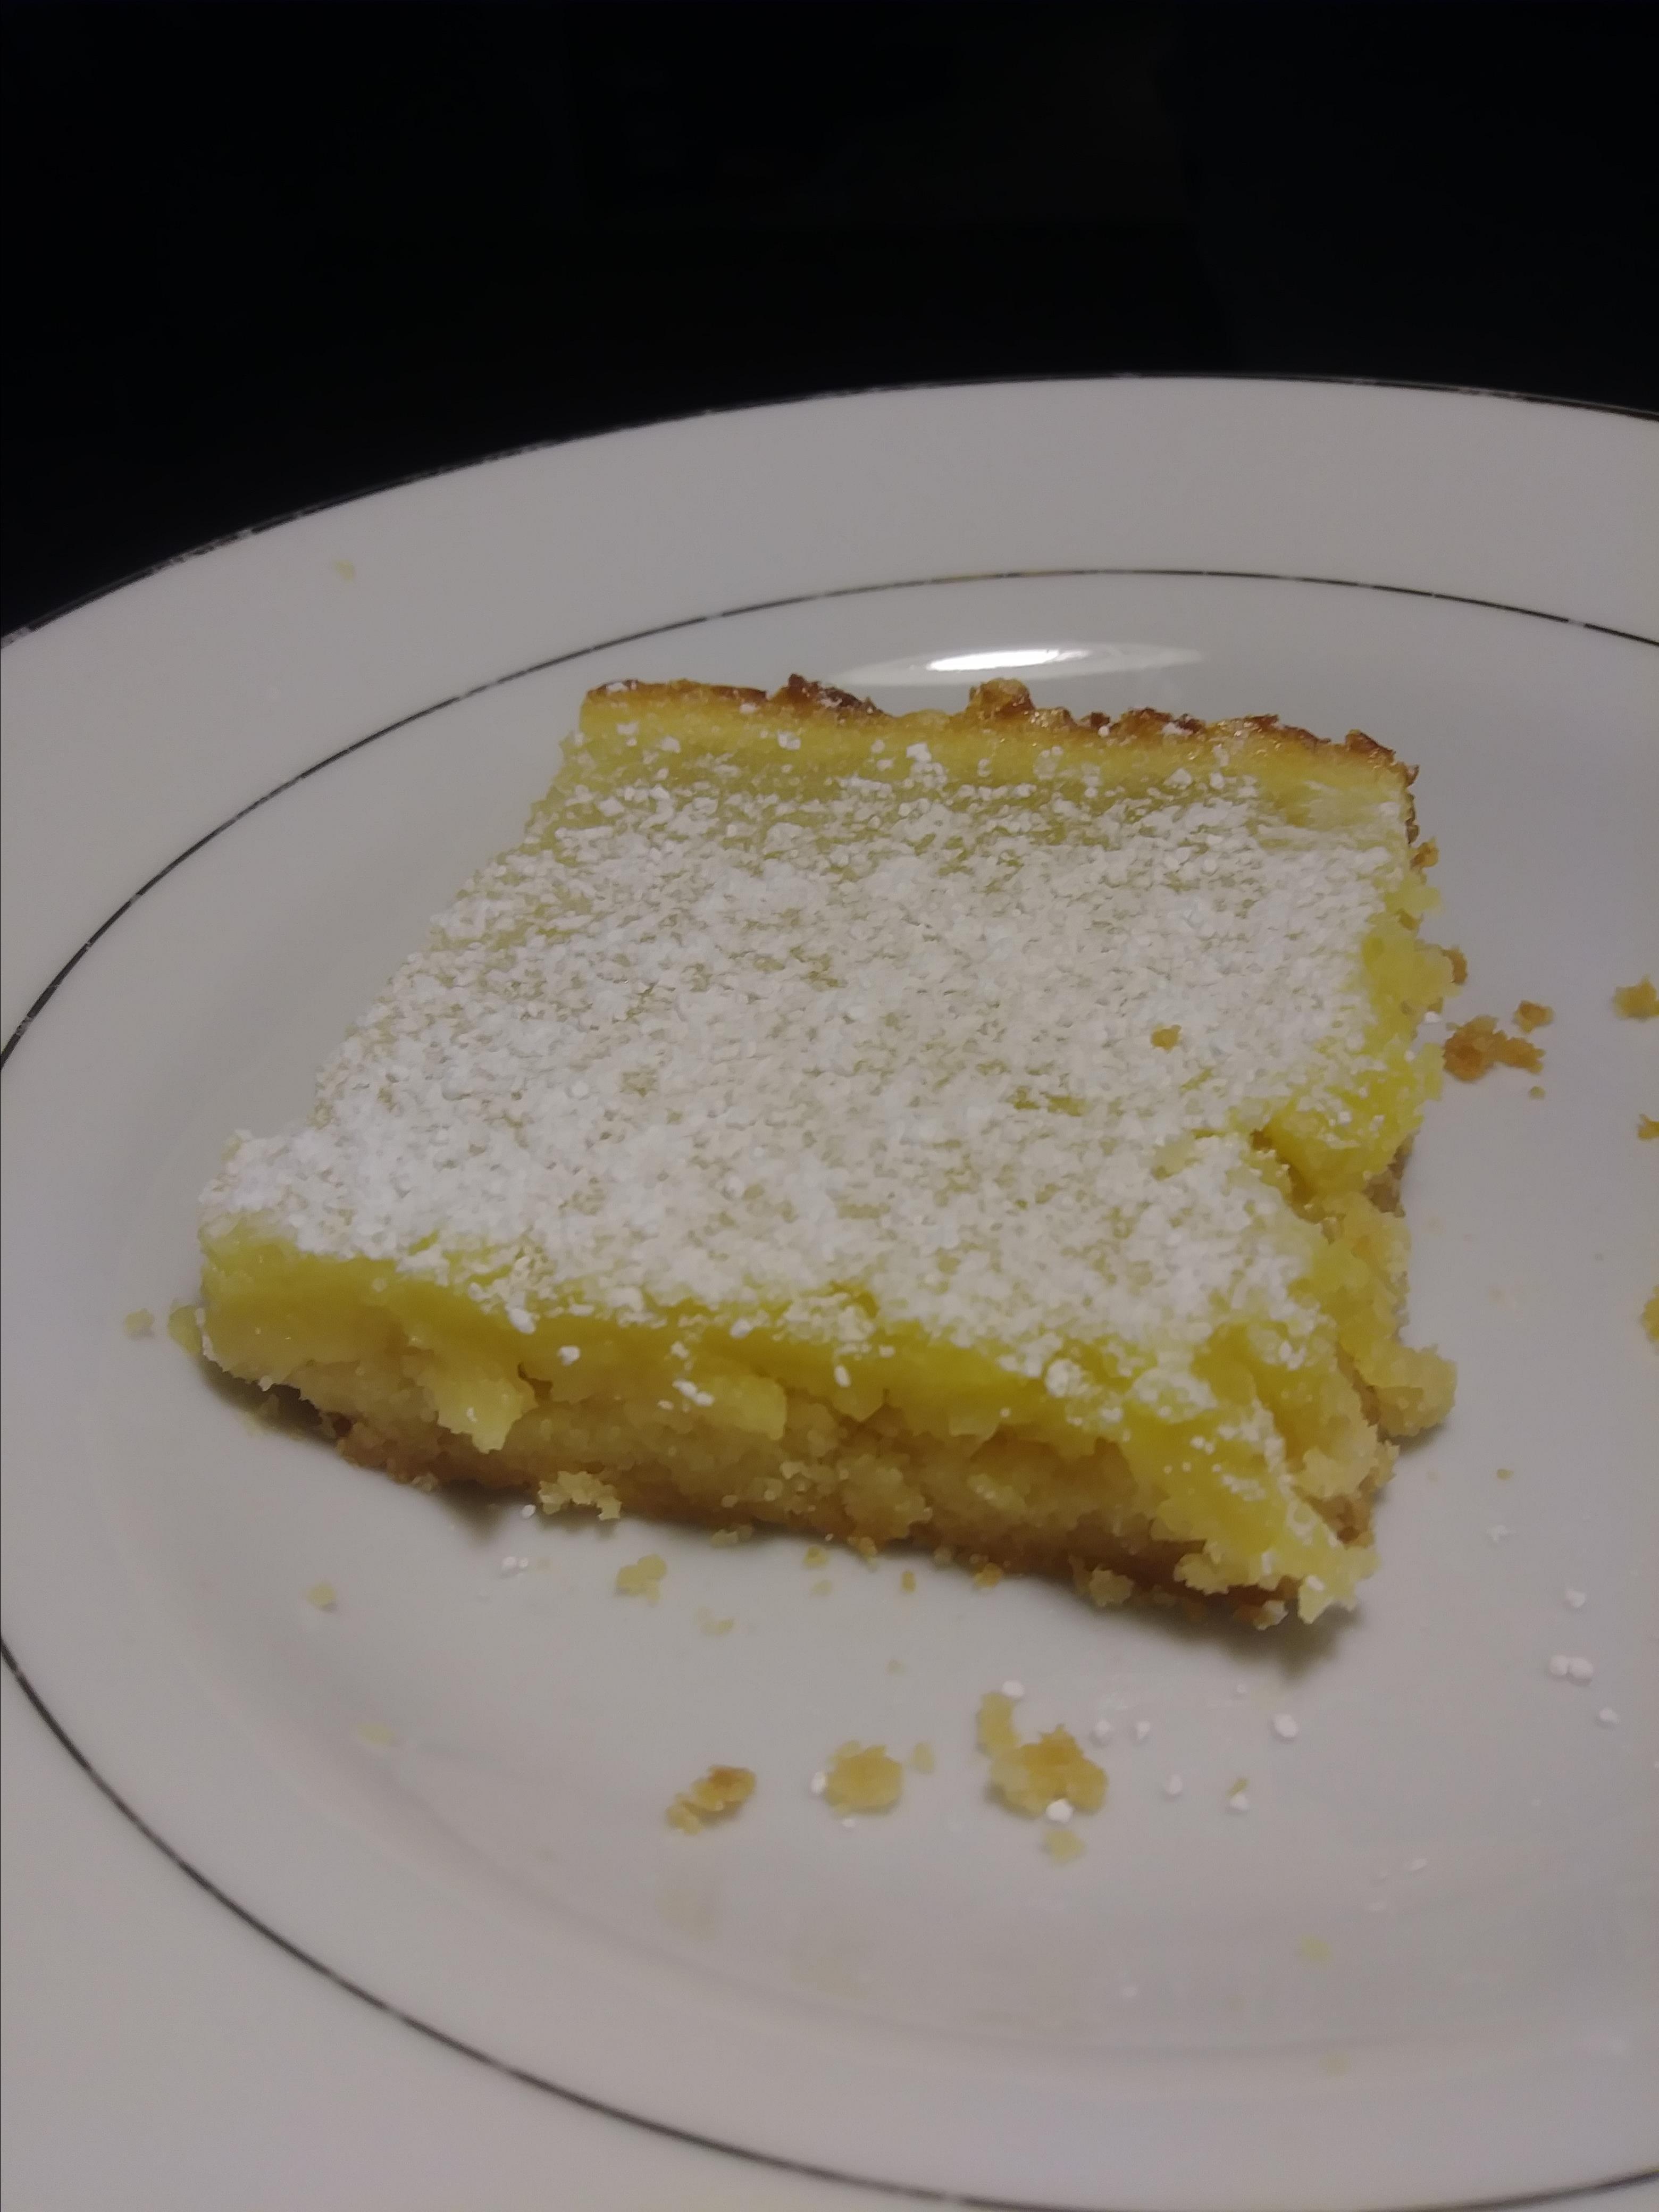 The Best Lemon Bars MommaLoves2Cook